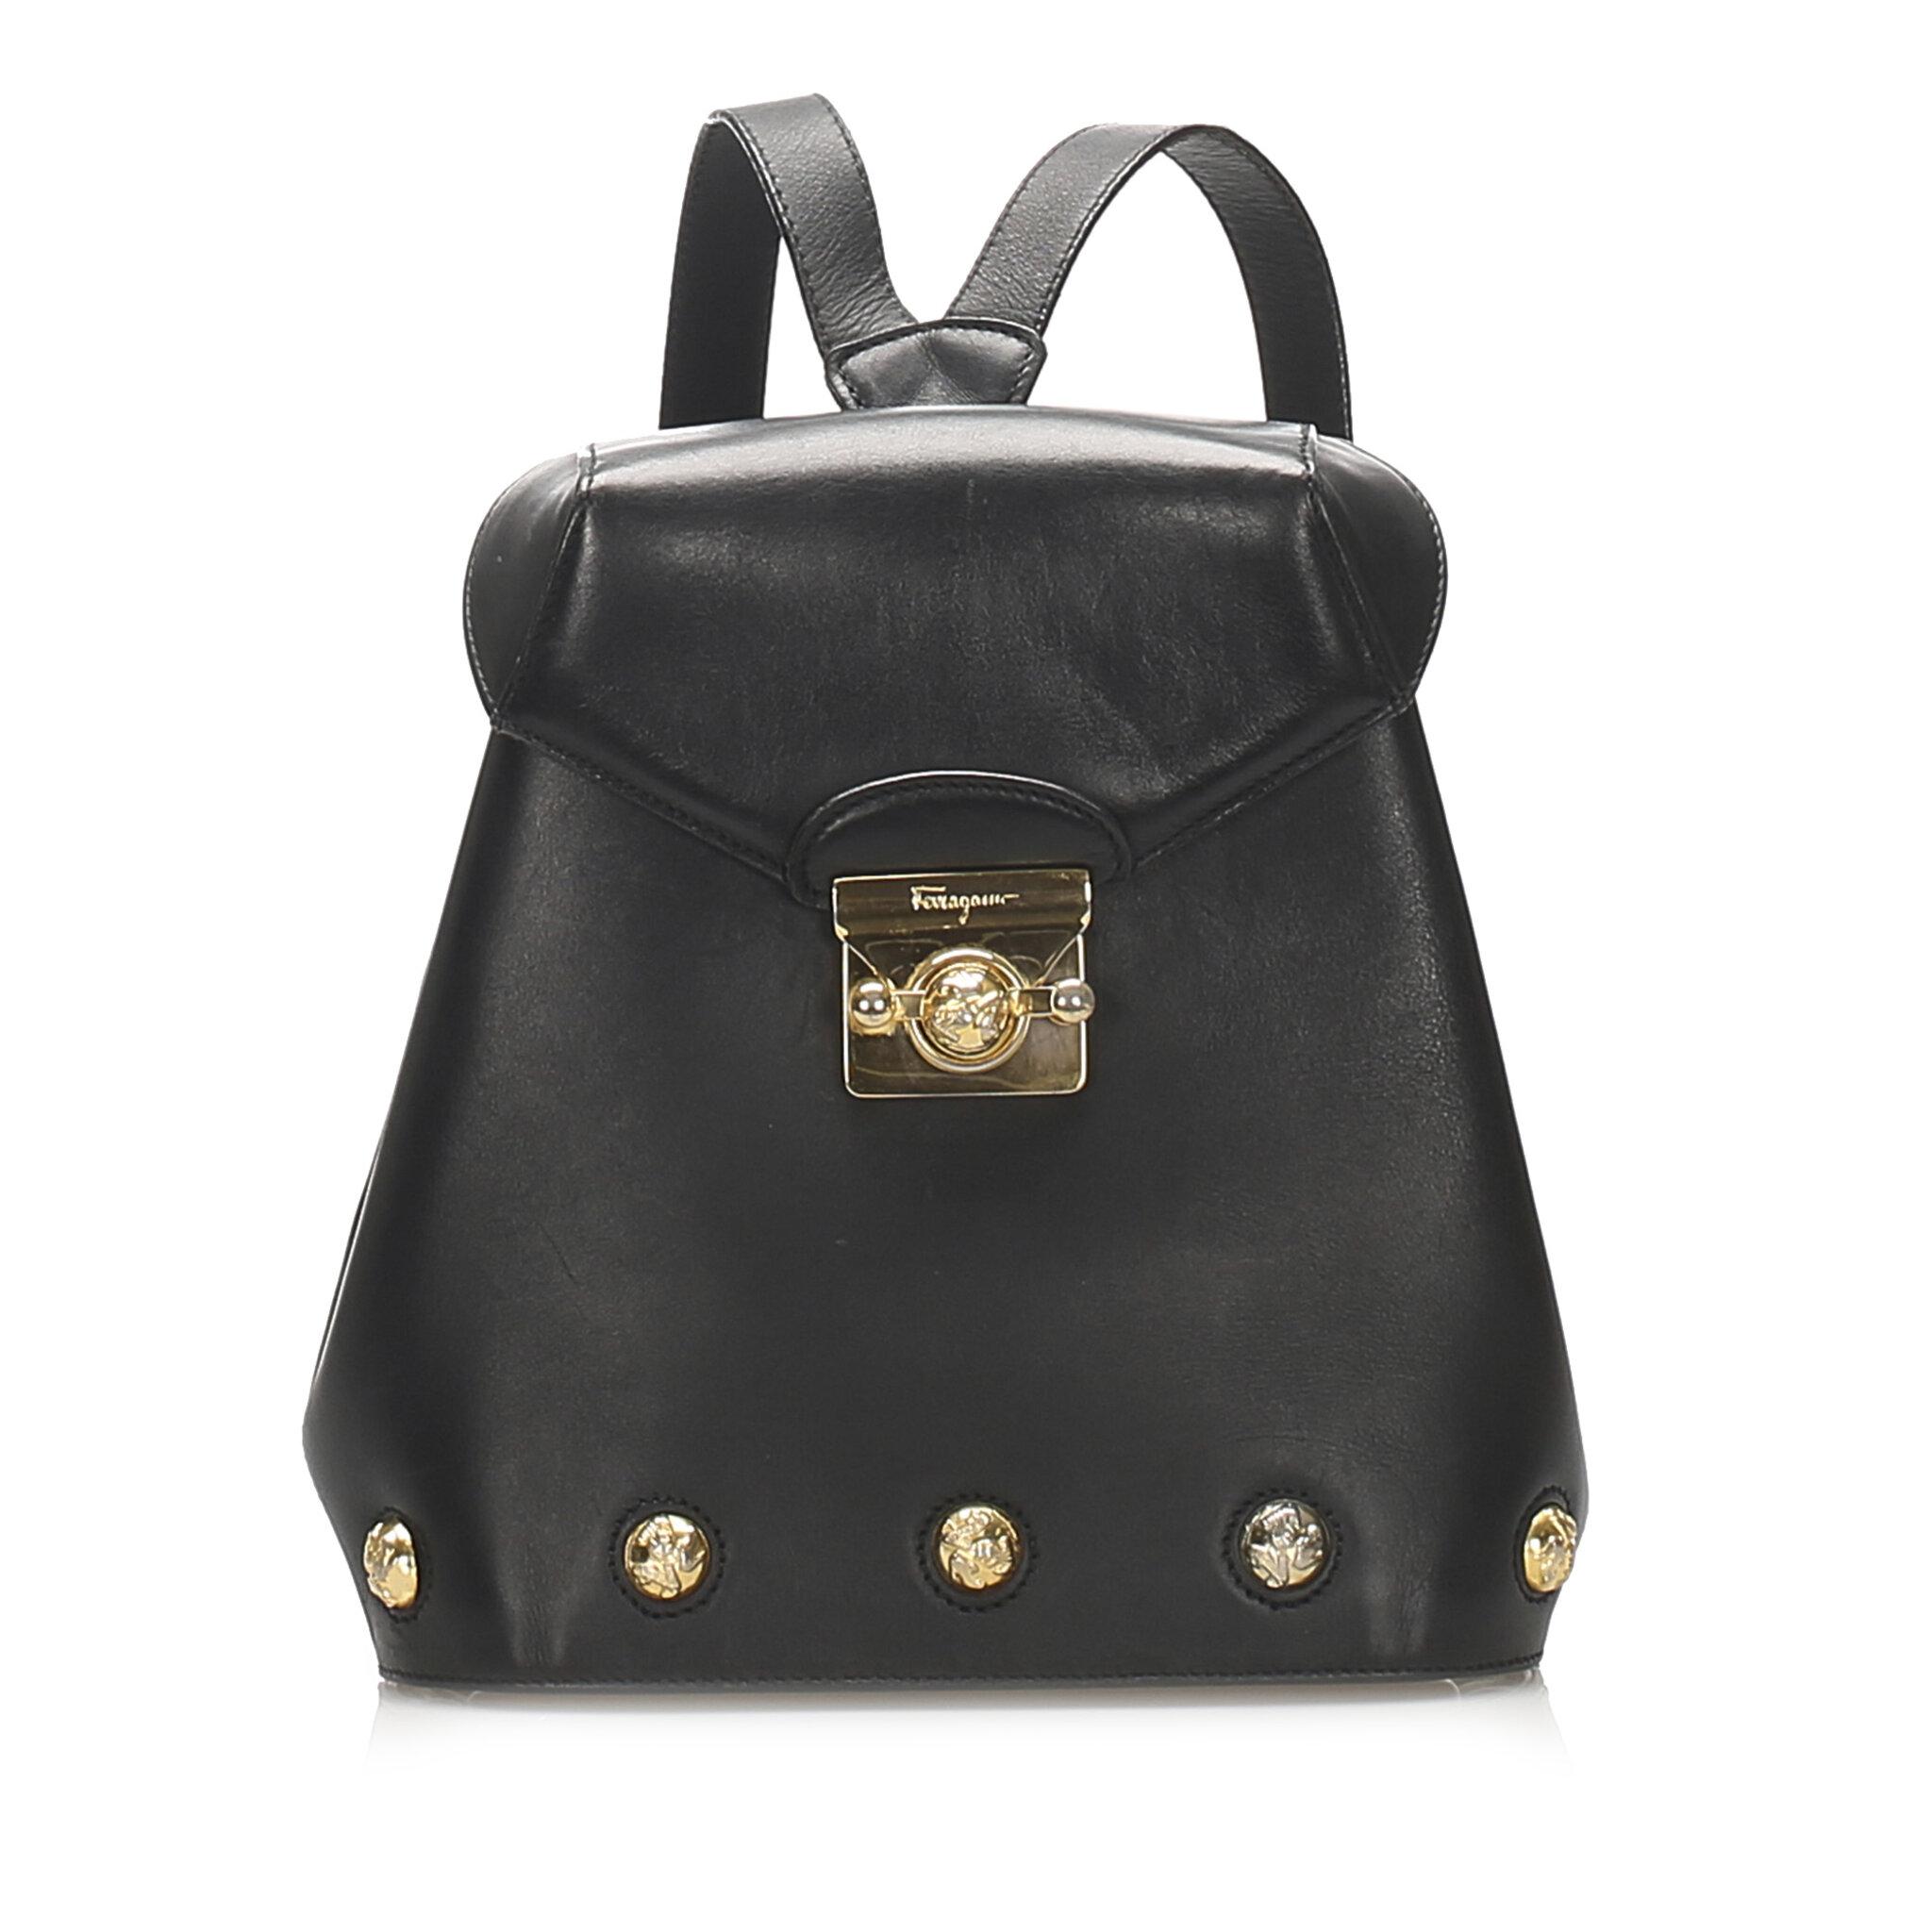 Ferragamo Leather Crossbody Bag